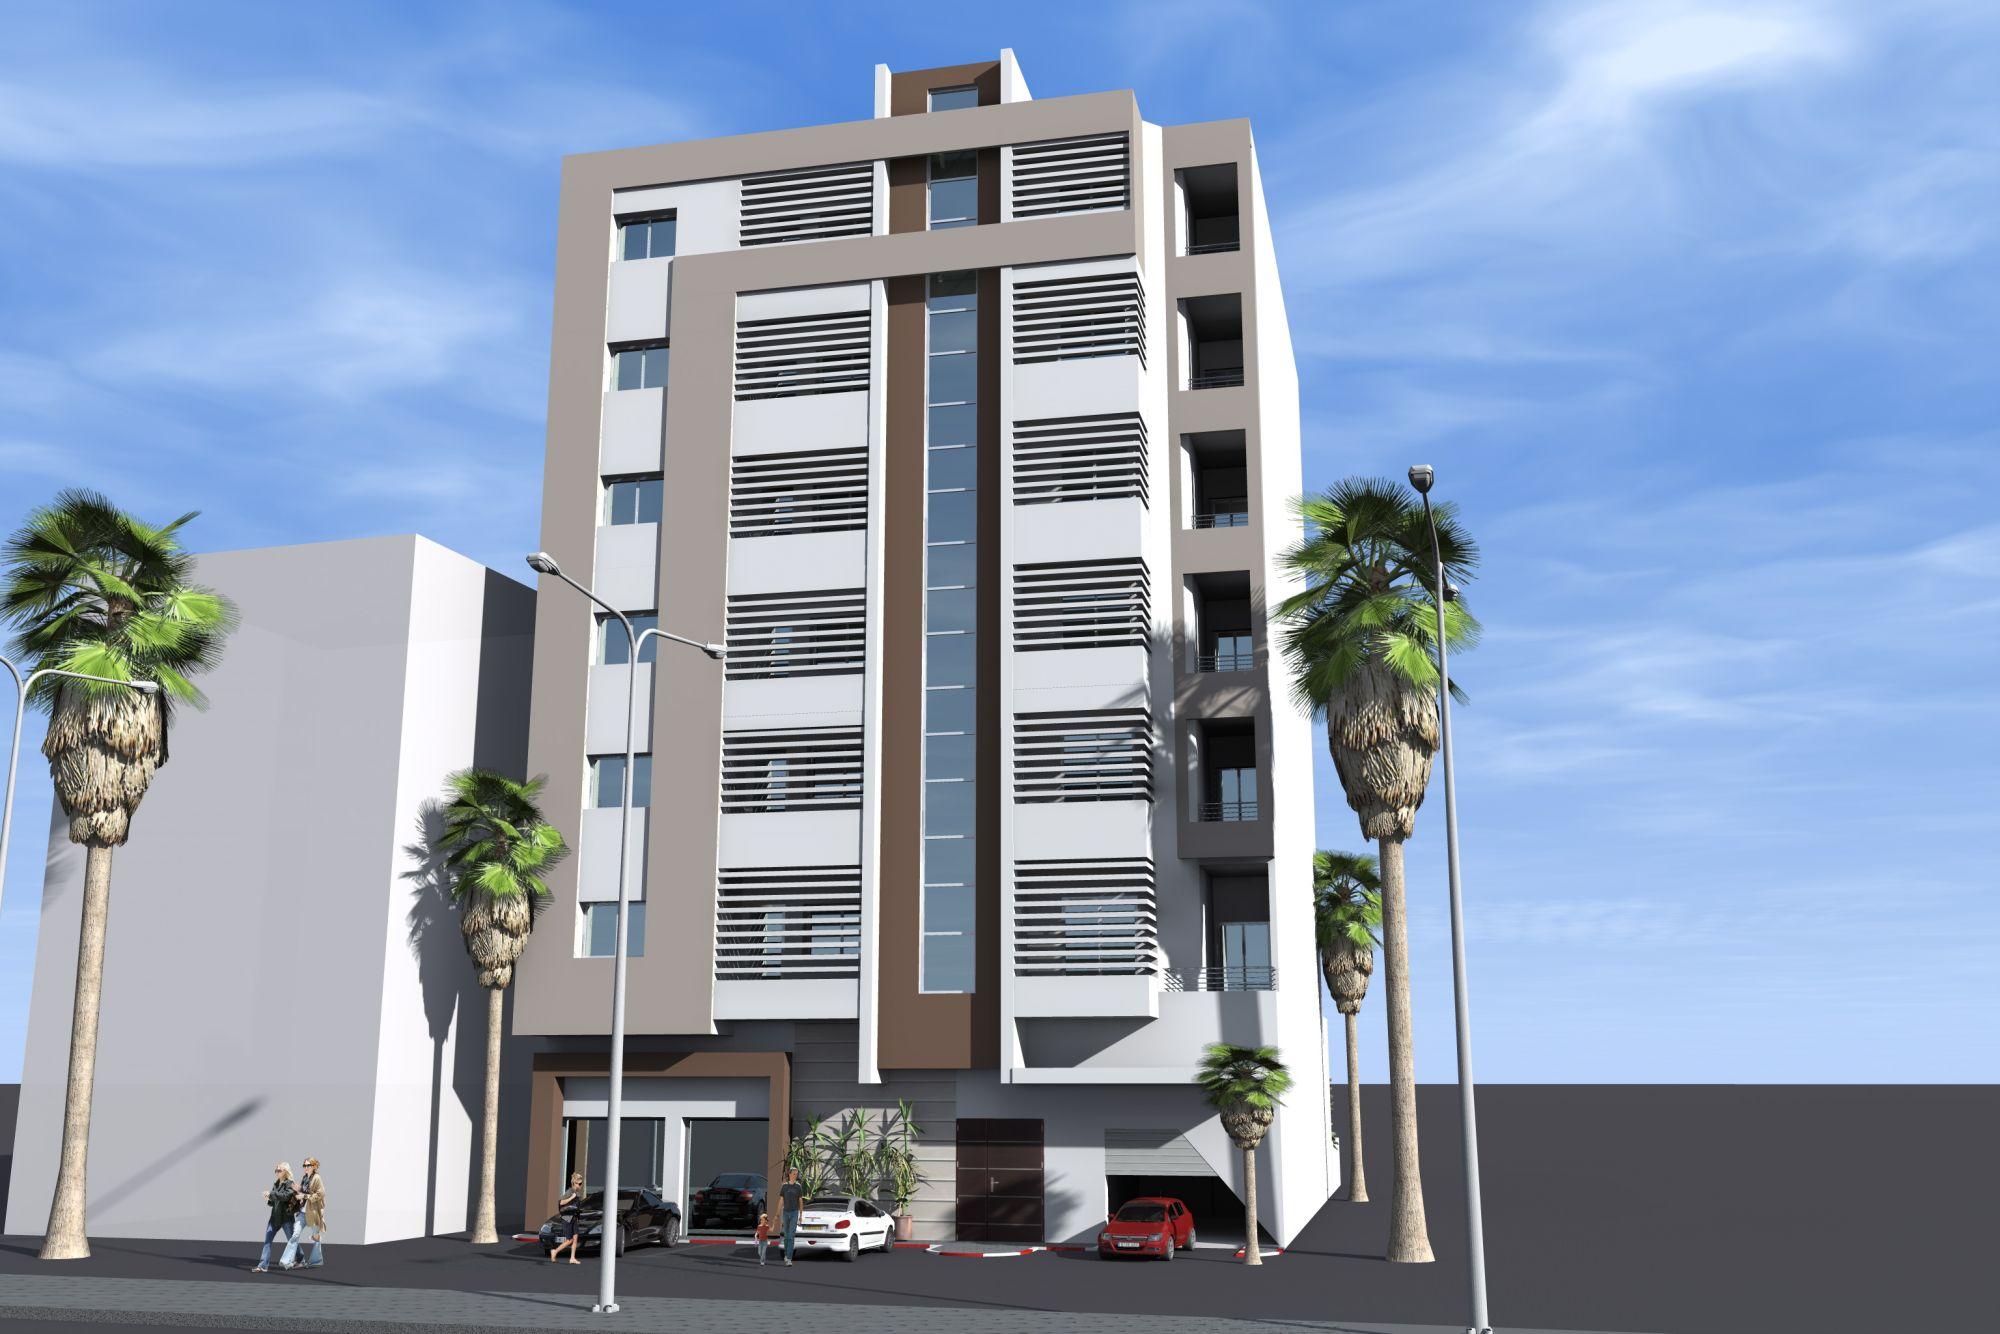 Residence emna sfax sakiet ezzit appartements de haut standing vente appartement sakiet ezzit - Residence de haut standing ...